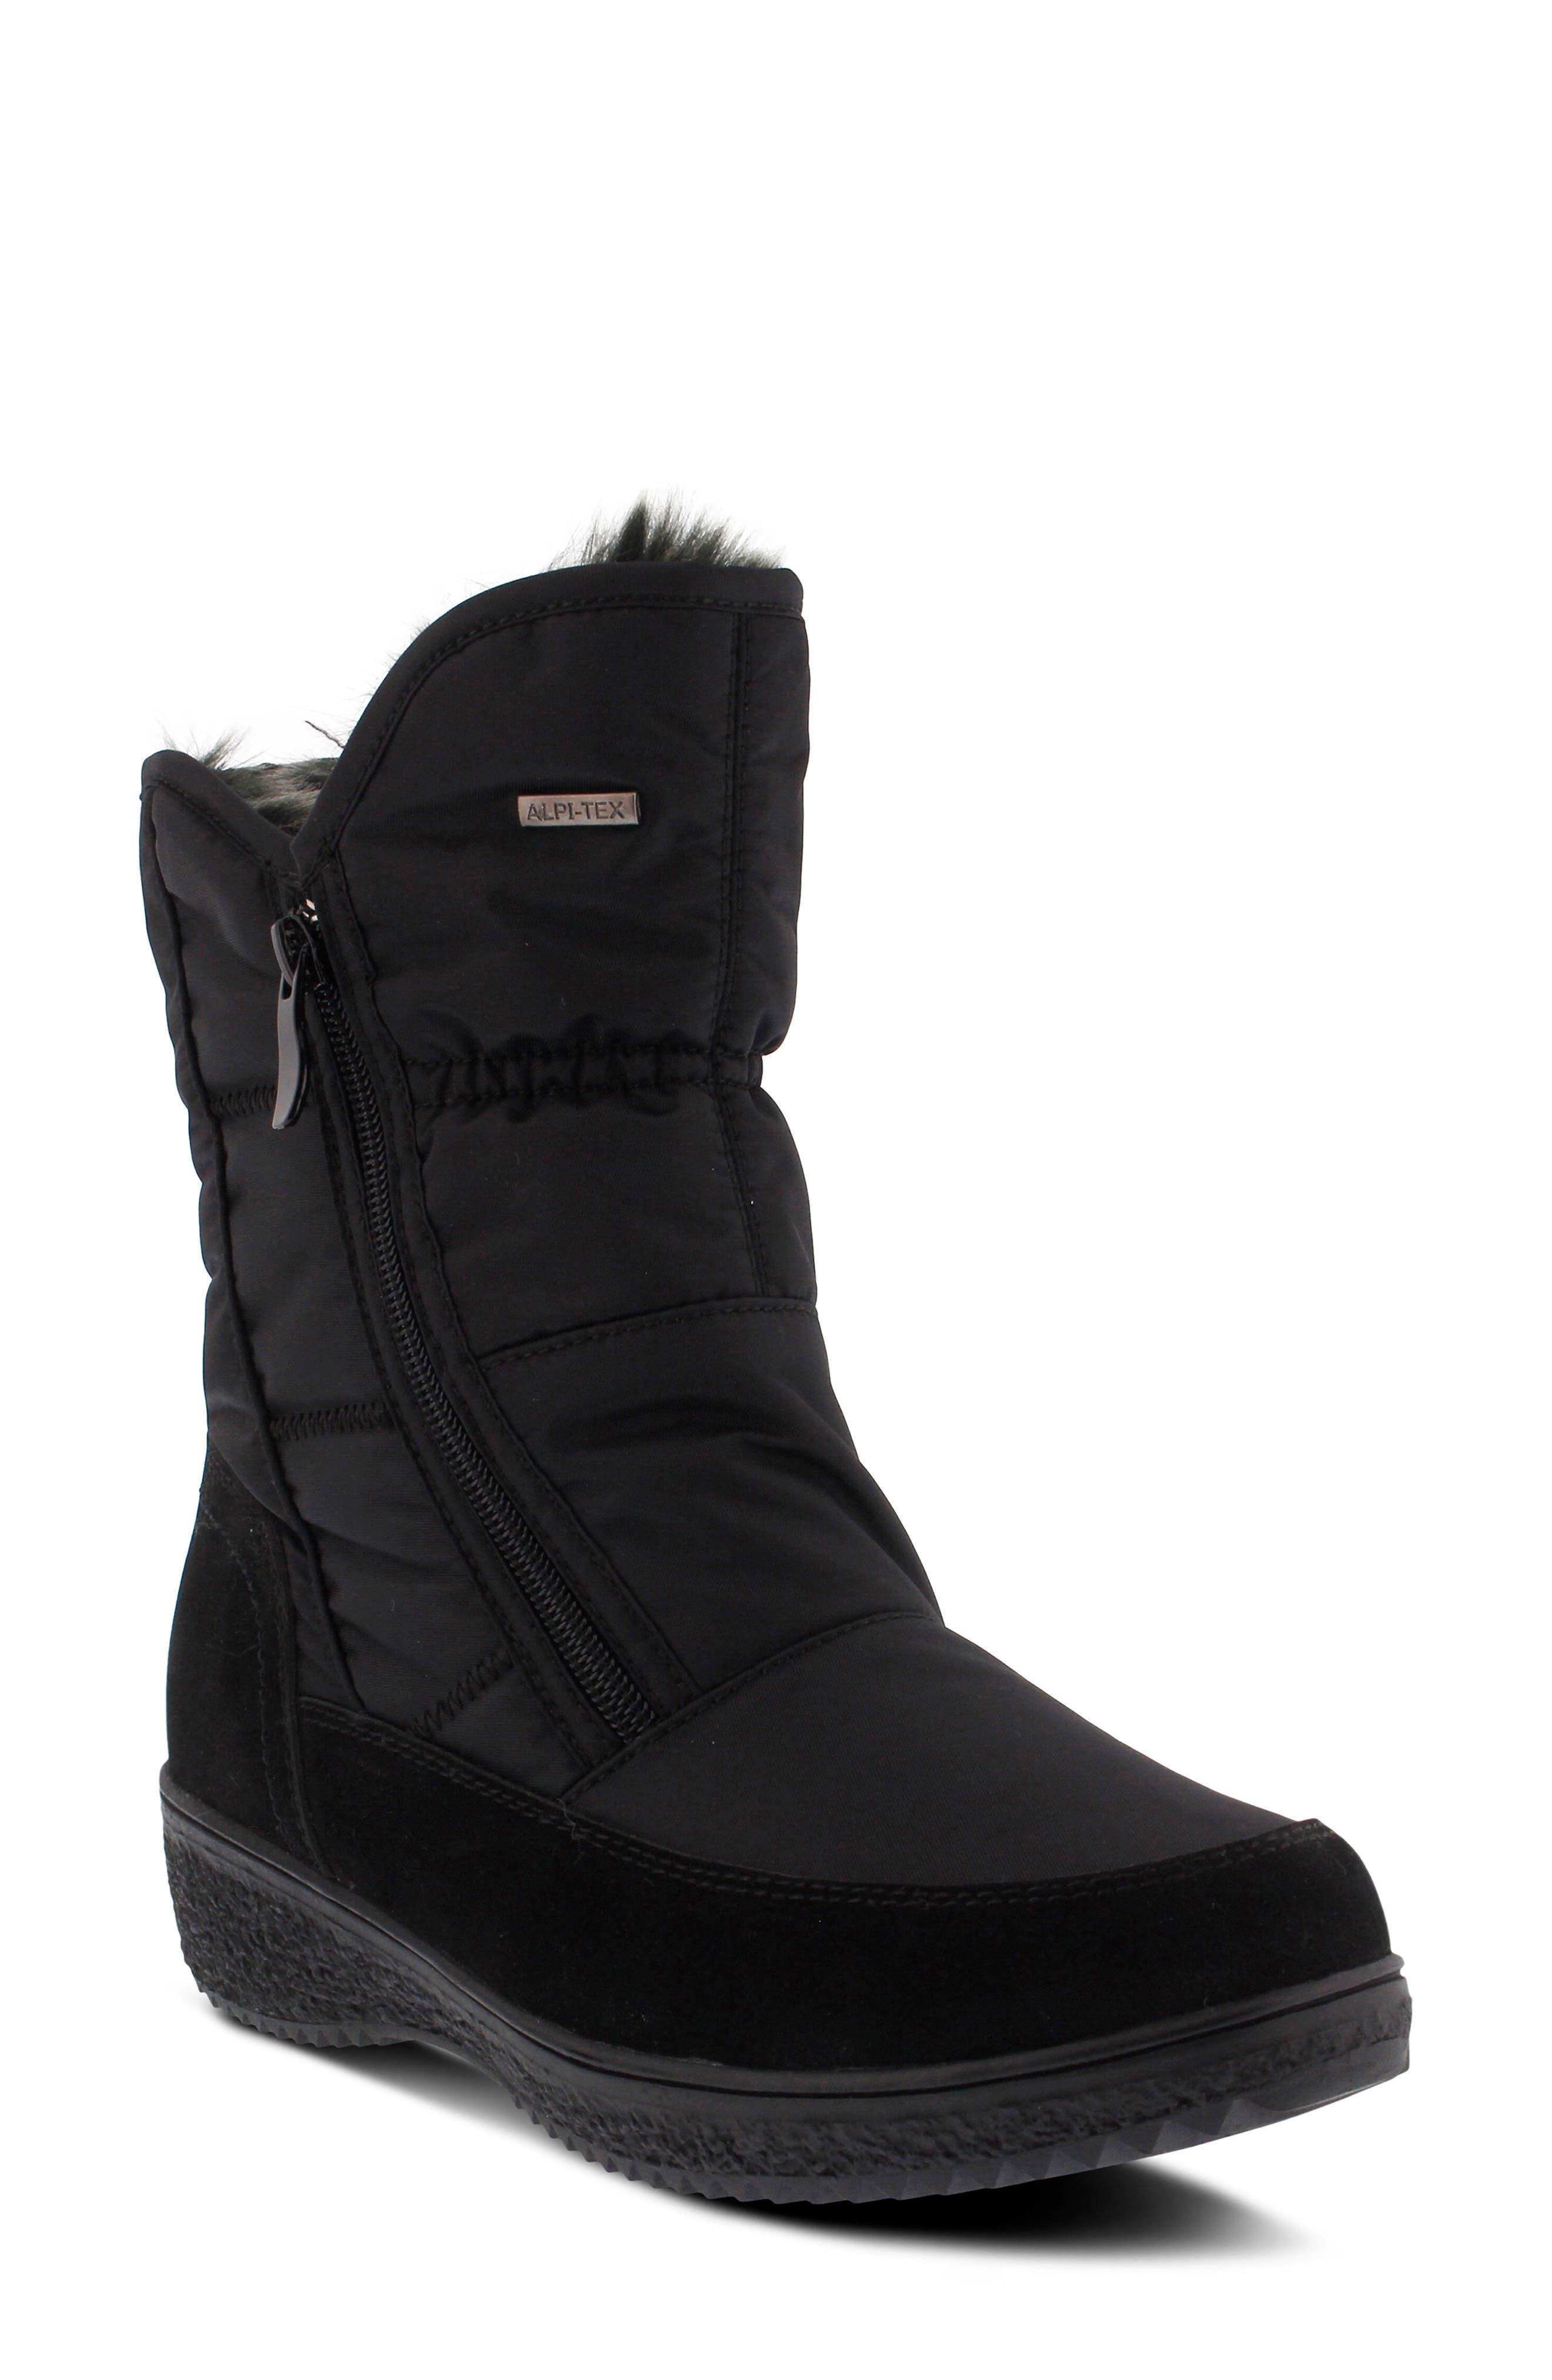 Spring Step Ernestina Waterproof Faux Fur Bootie - Black